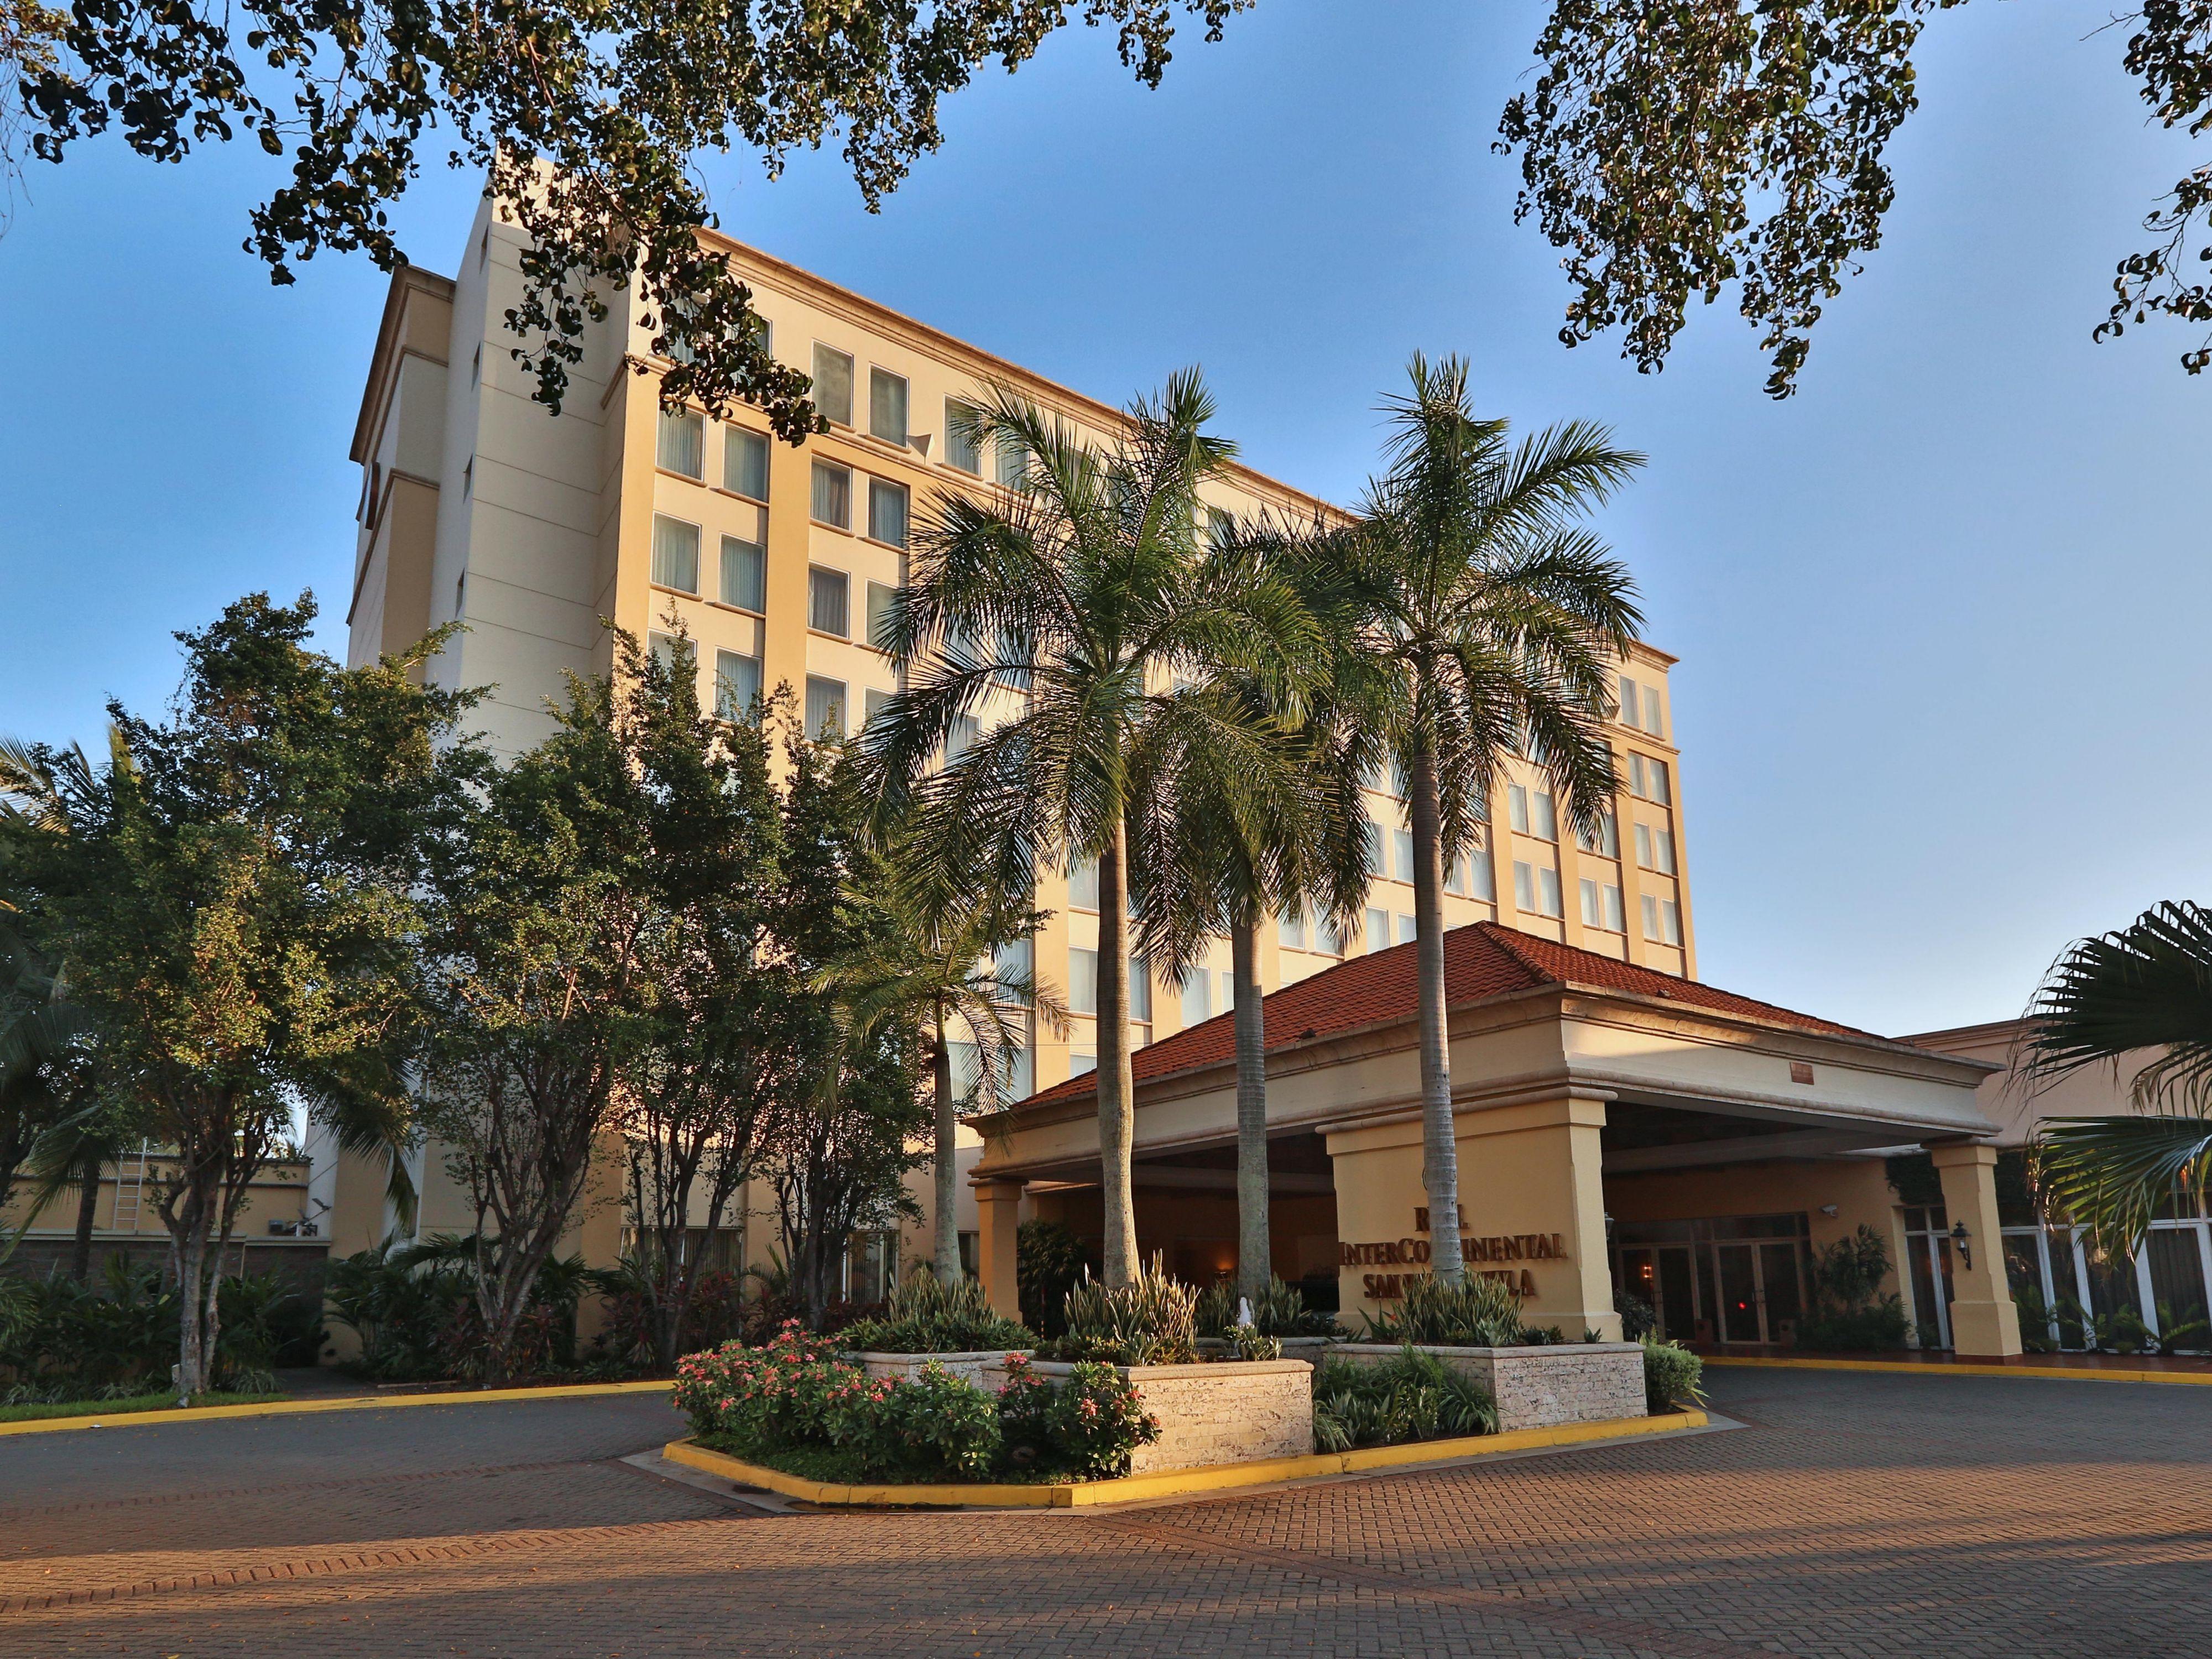 Encuentre Hoteles En San Pedro Sula Los 1 Mejores Hoteles Ihg En San Pedro Sula Honduras